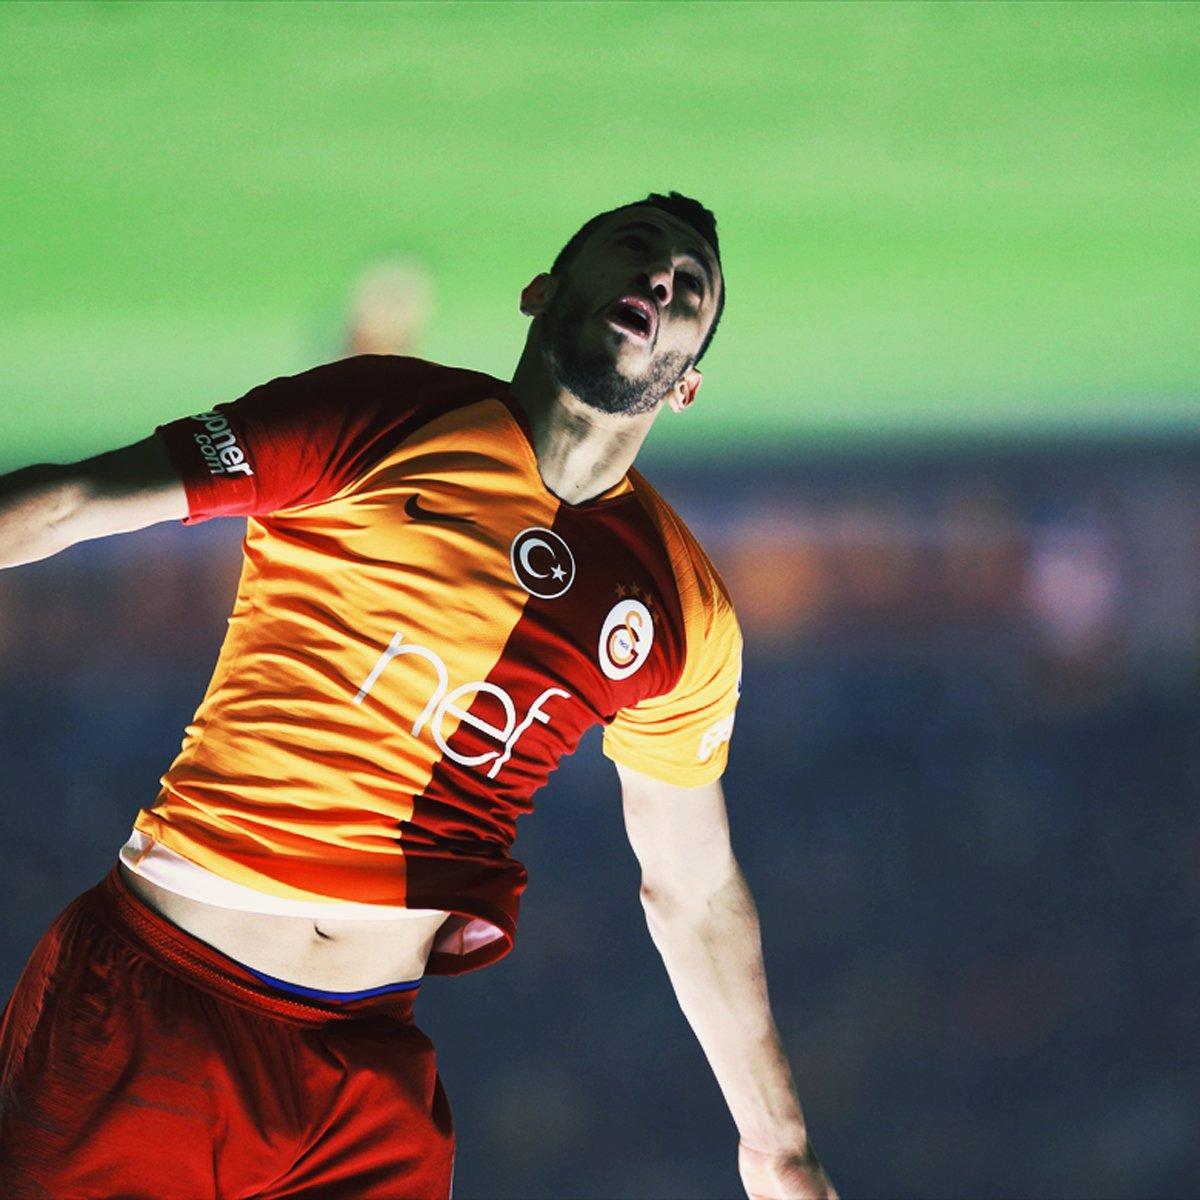 Younes Belhanda, Süper Lig'de oynadığı son 3 maçta 3 gol 2 asistlik performans sergiledi.